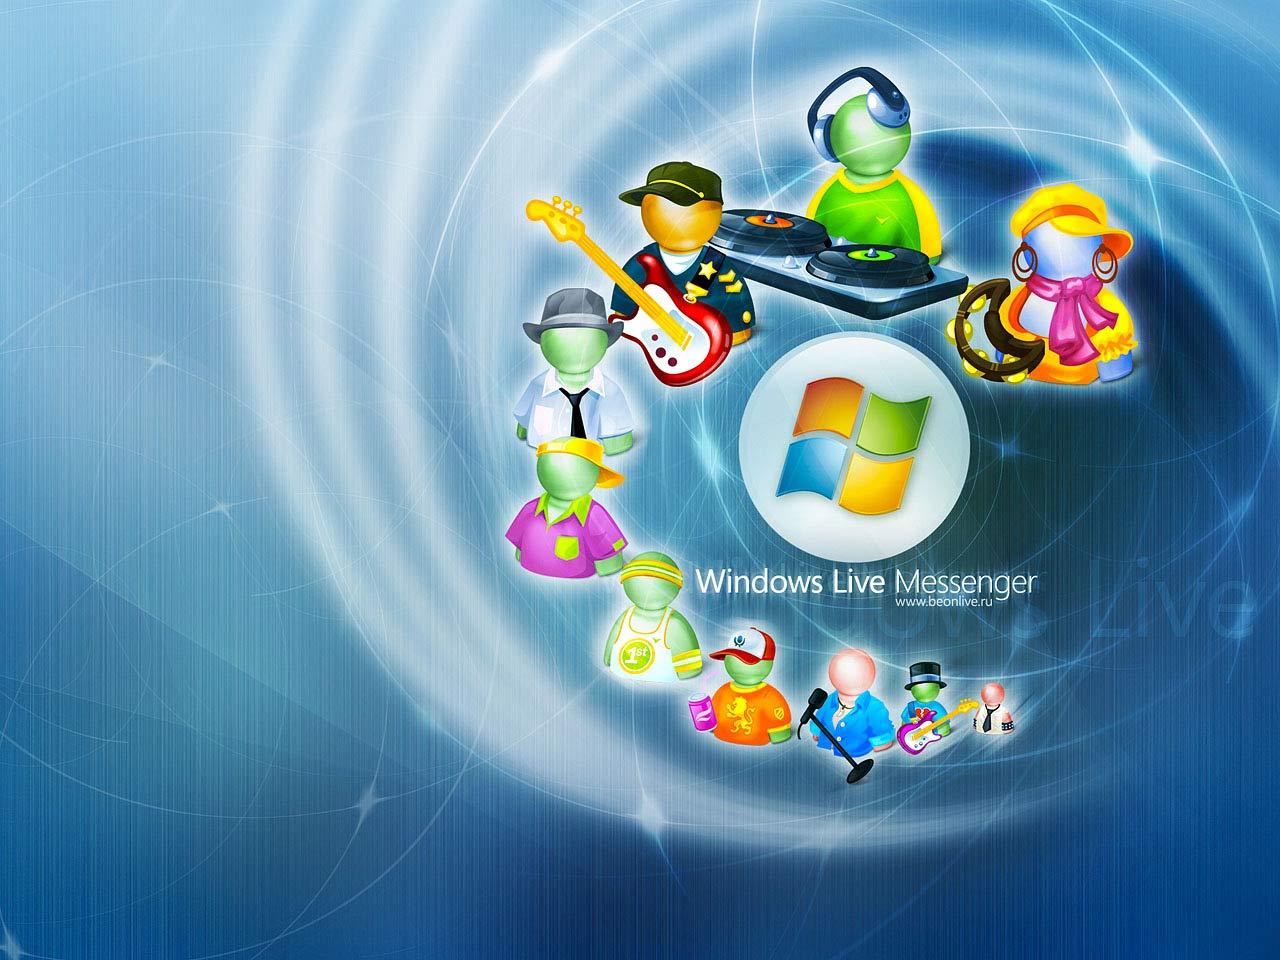 http://1.bp.blogspot.com/_qtoyJqjtPUU/TAgh1zo5VxI/AAAAAAAAF6w/WJsTFoD_qjg/s1600/premium+windows+wallpaper+(1).jpg